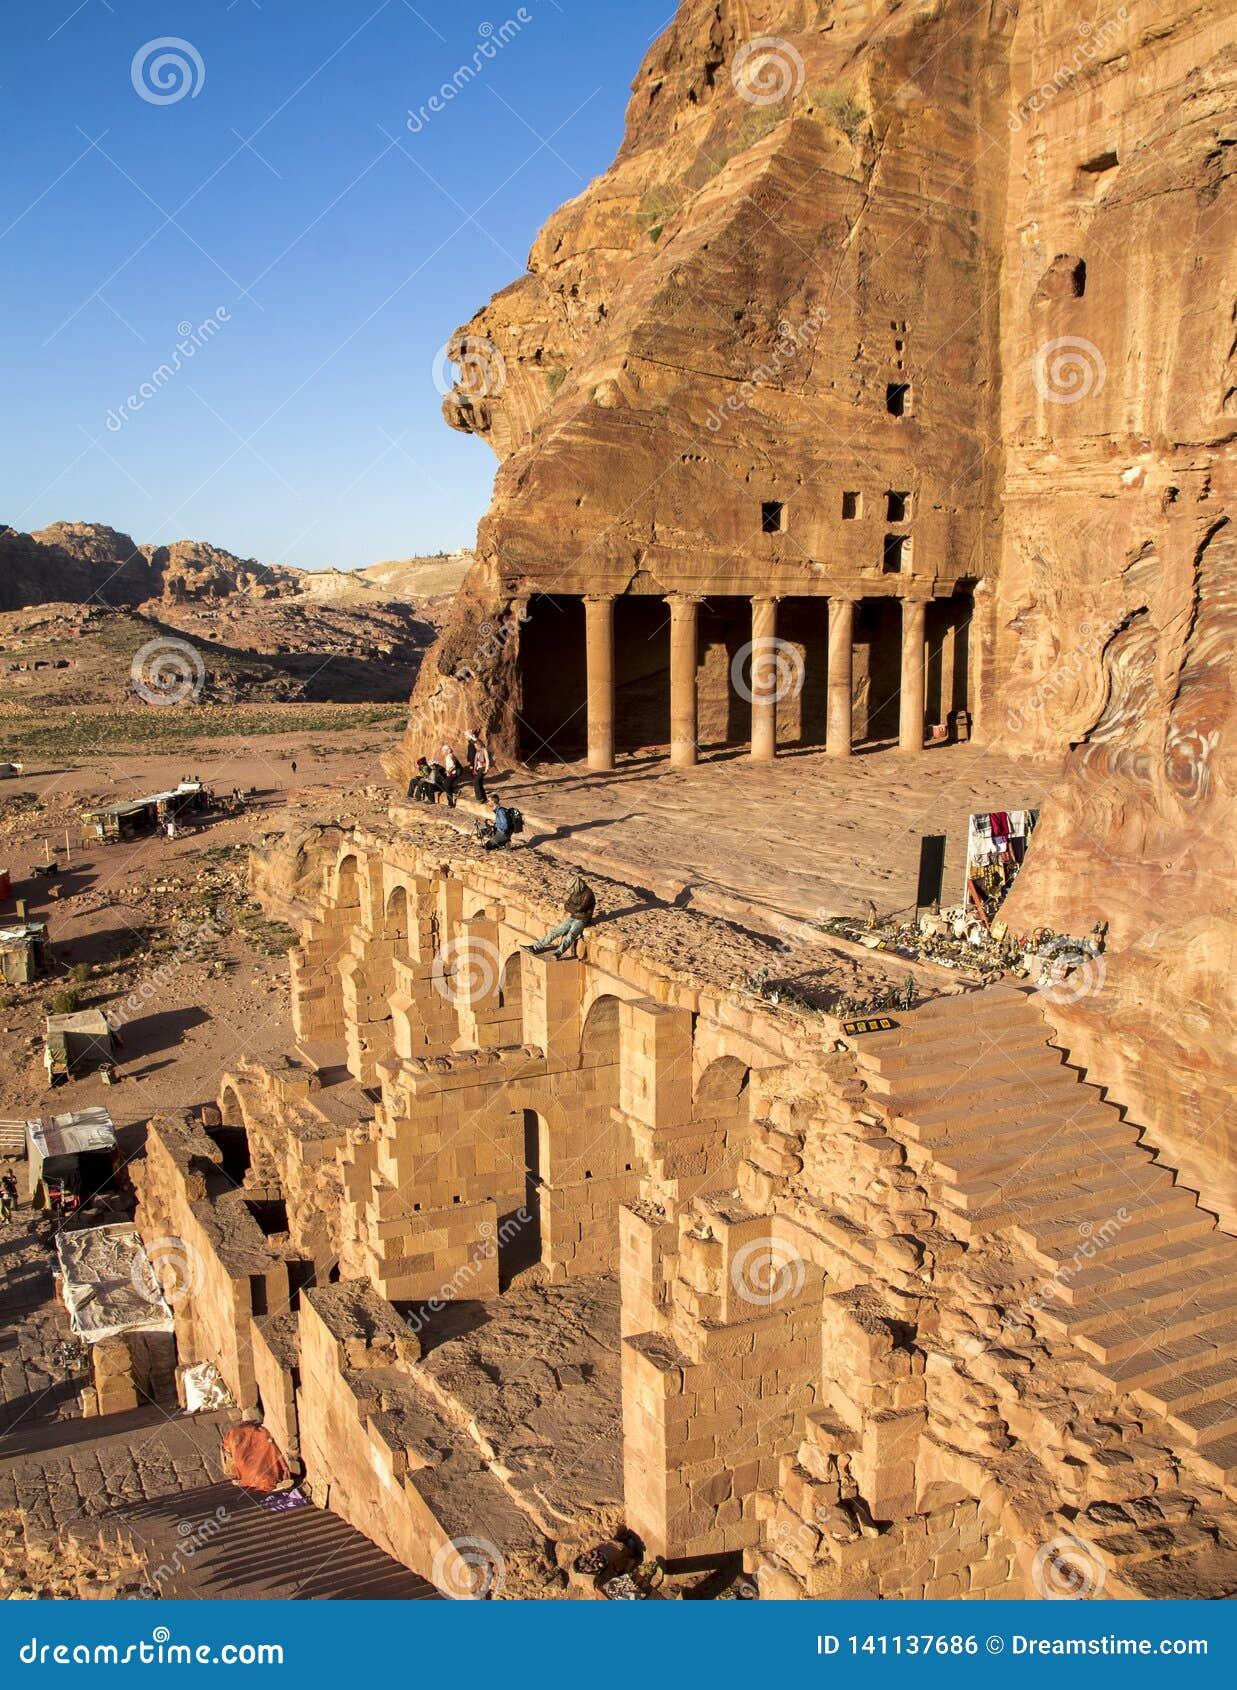 Die Urne Tom ist aller königlichen toms, Jordanien das faszinierendste